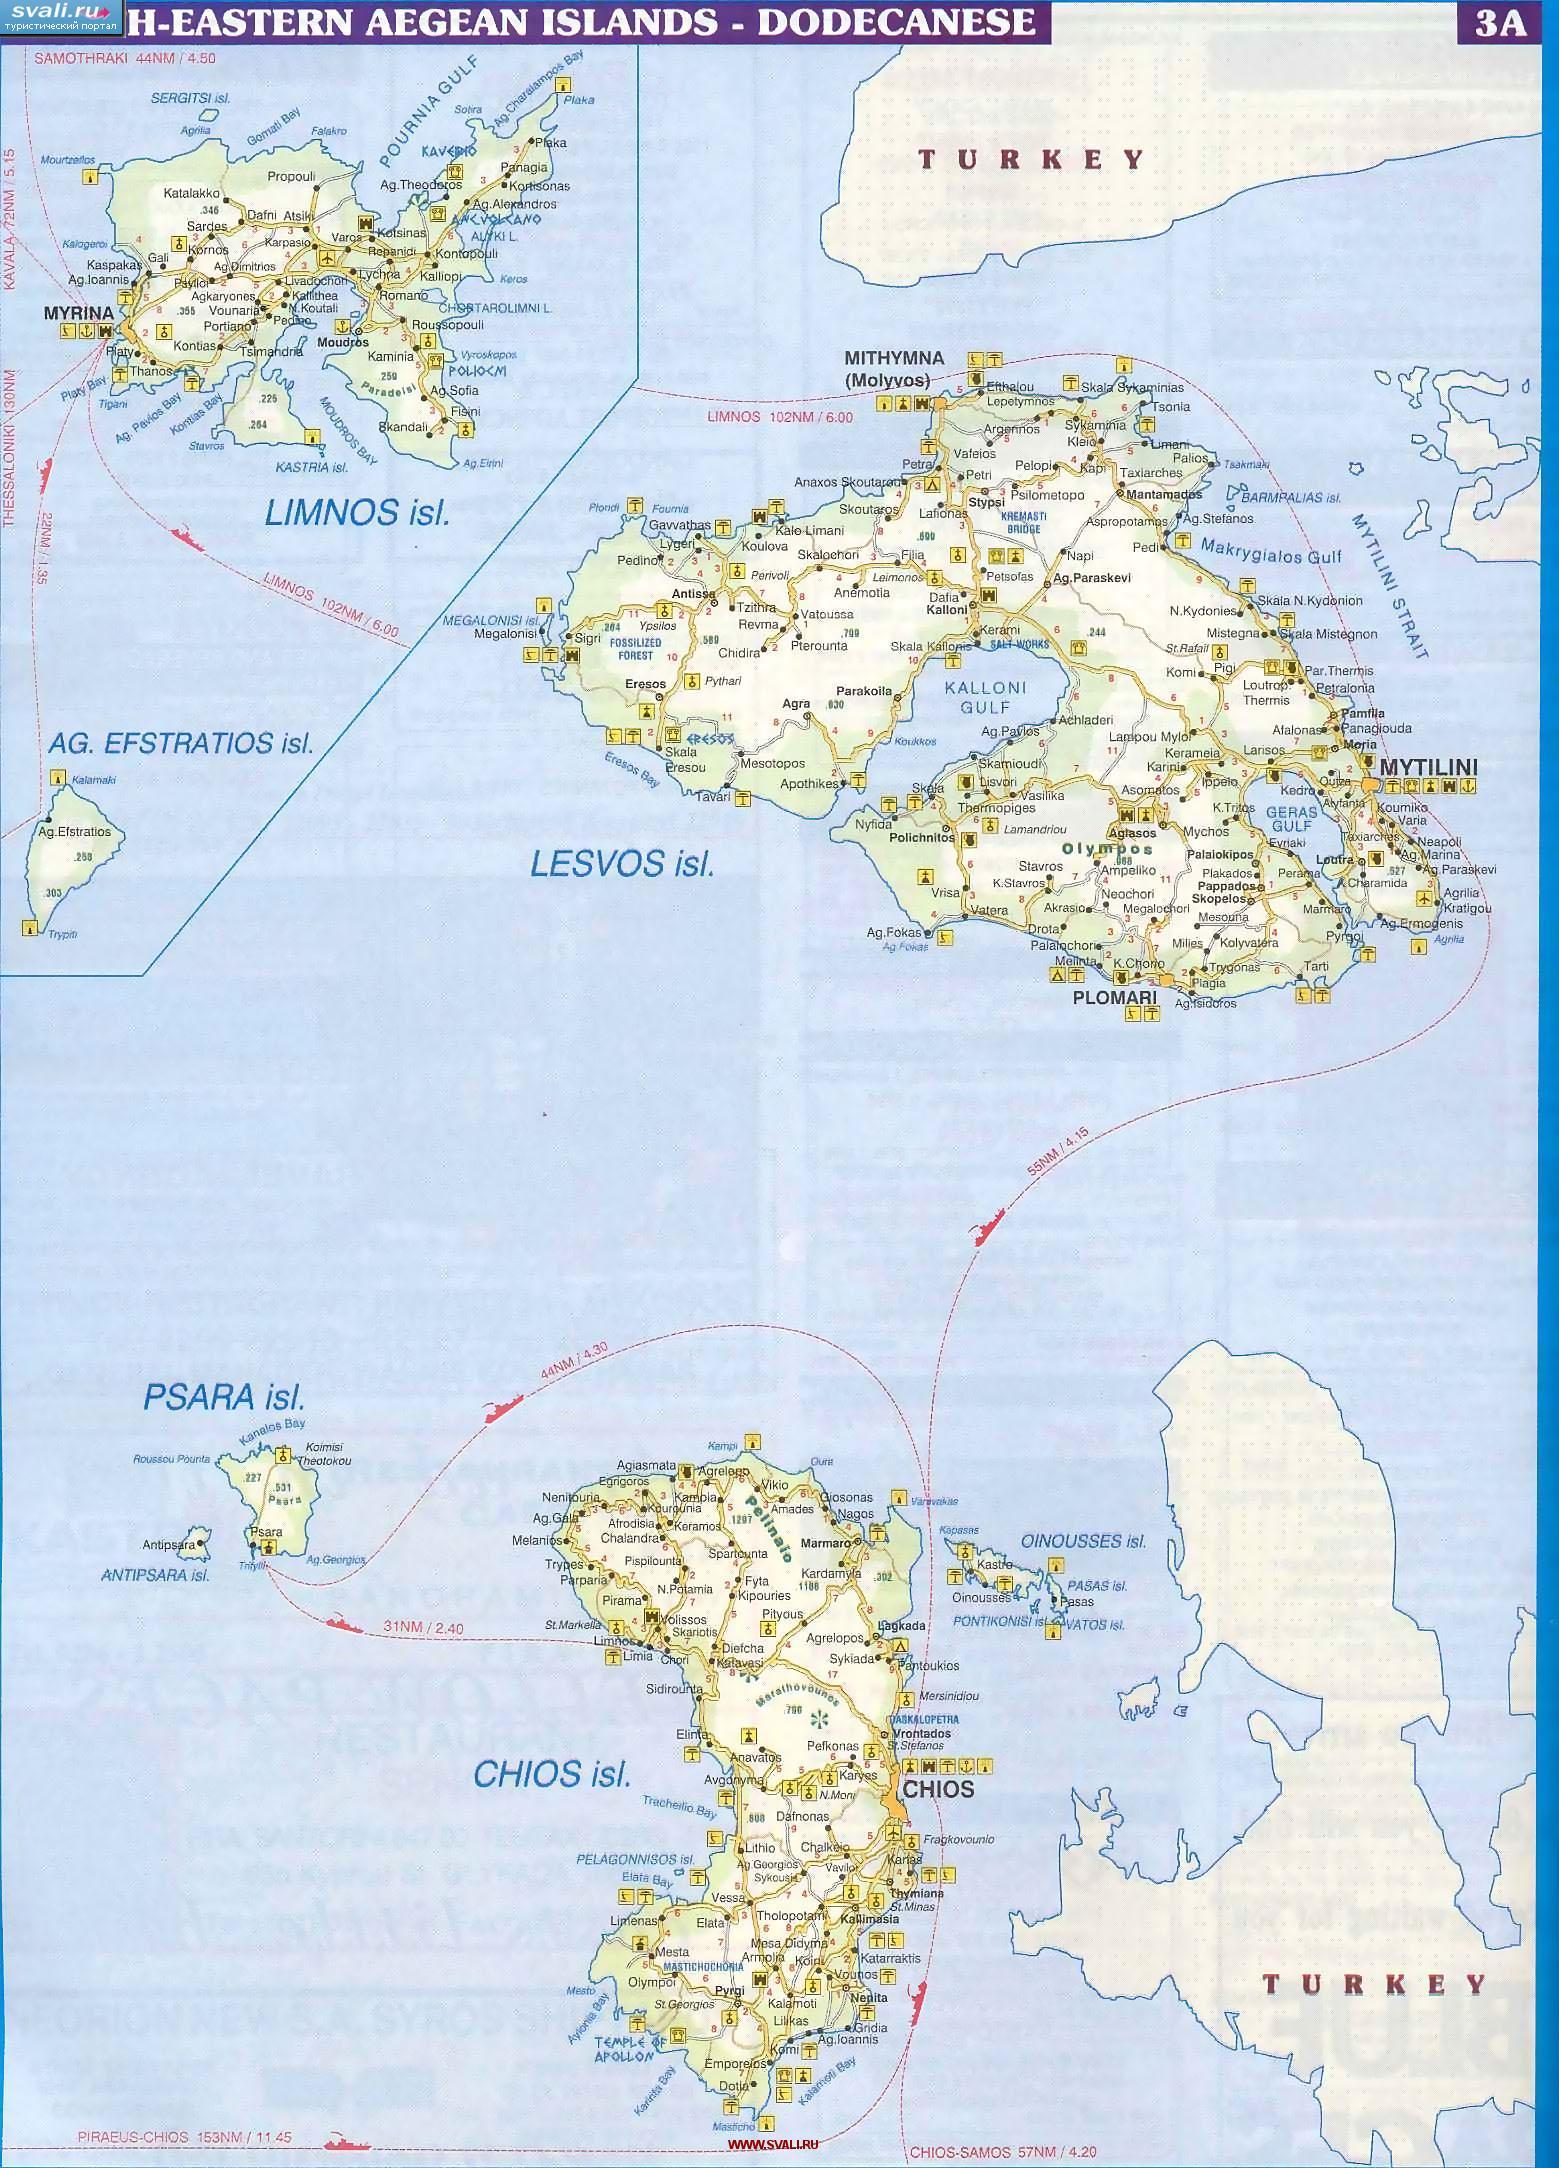 Karty Podrobnaya Karta Severo Vostochnyh Egejskih Ostrovov Lemnos